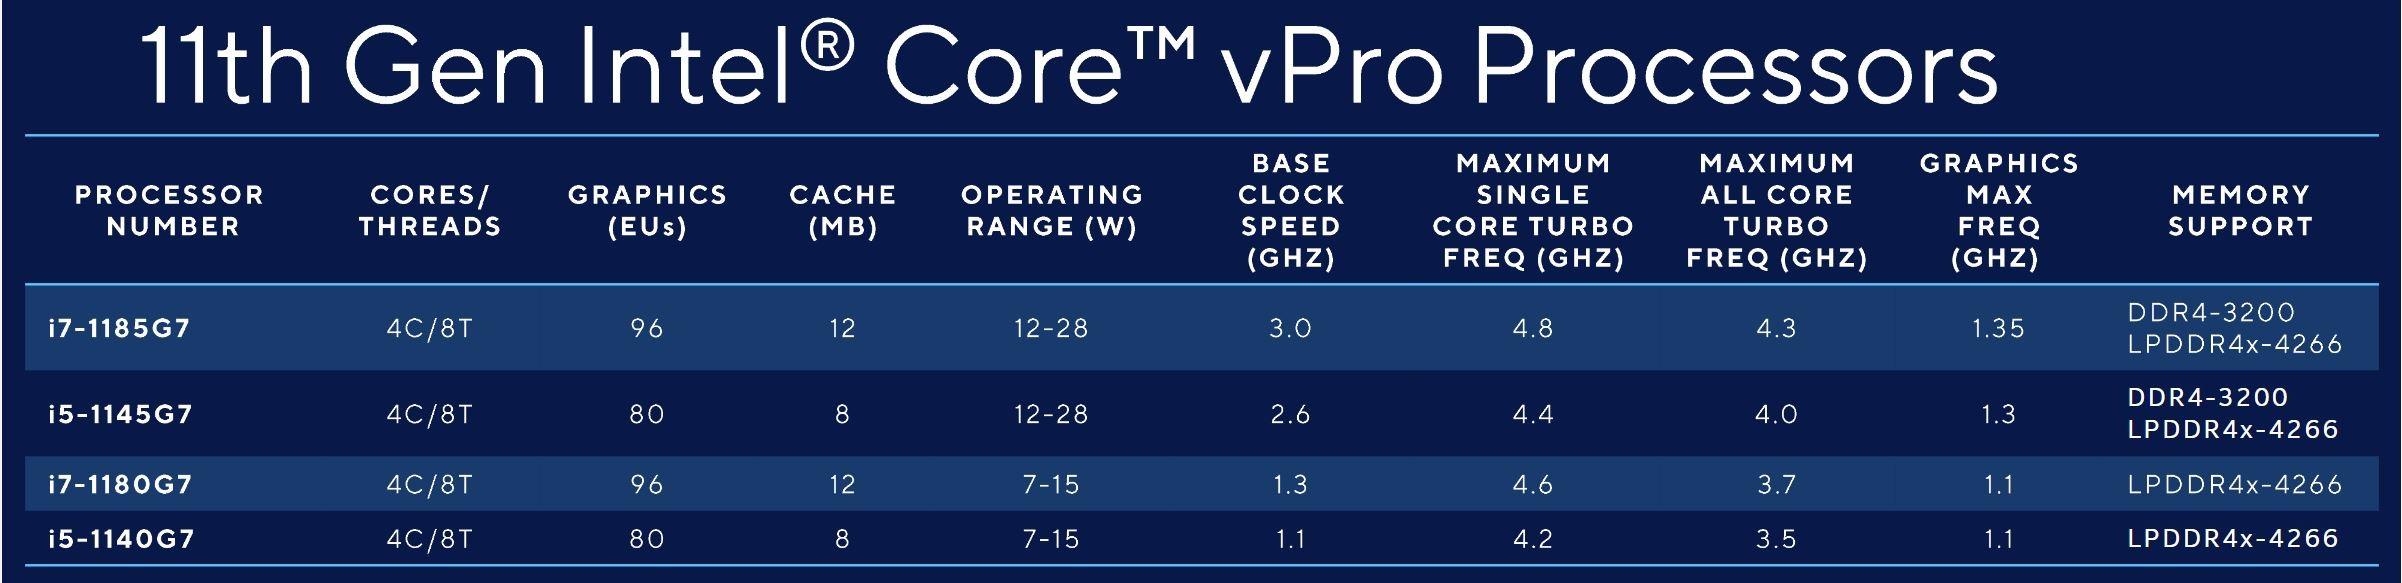 Tableau de comparaison des processeurs Intel Core vPro Generation 11